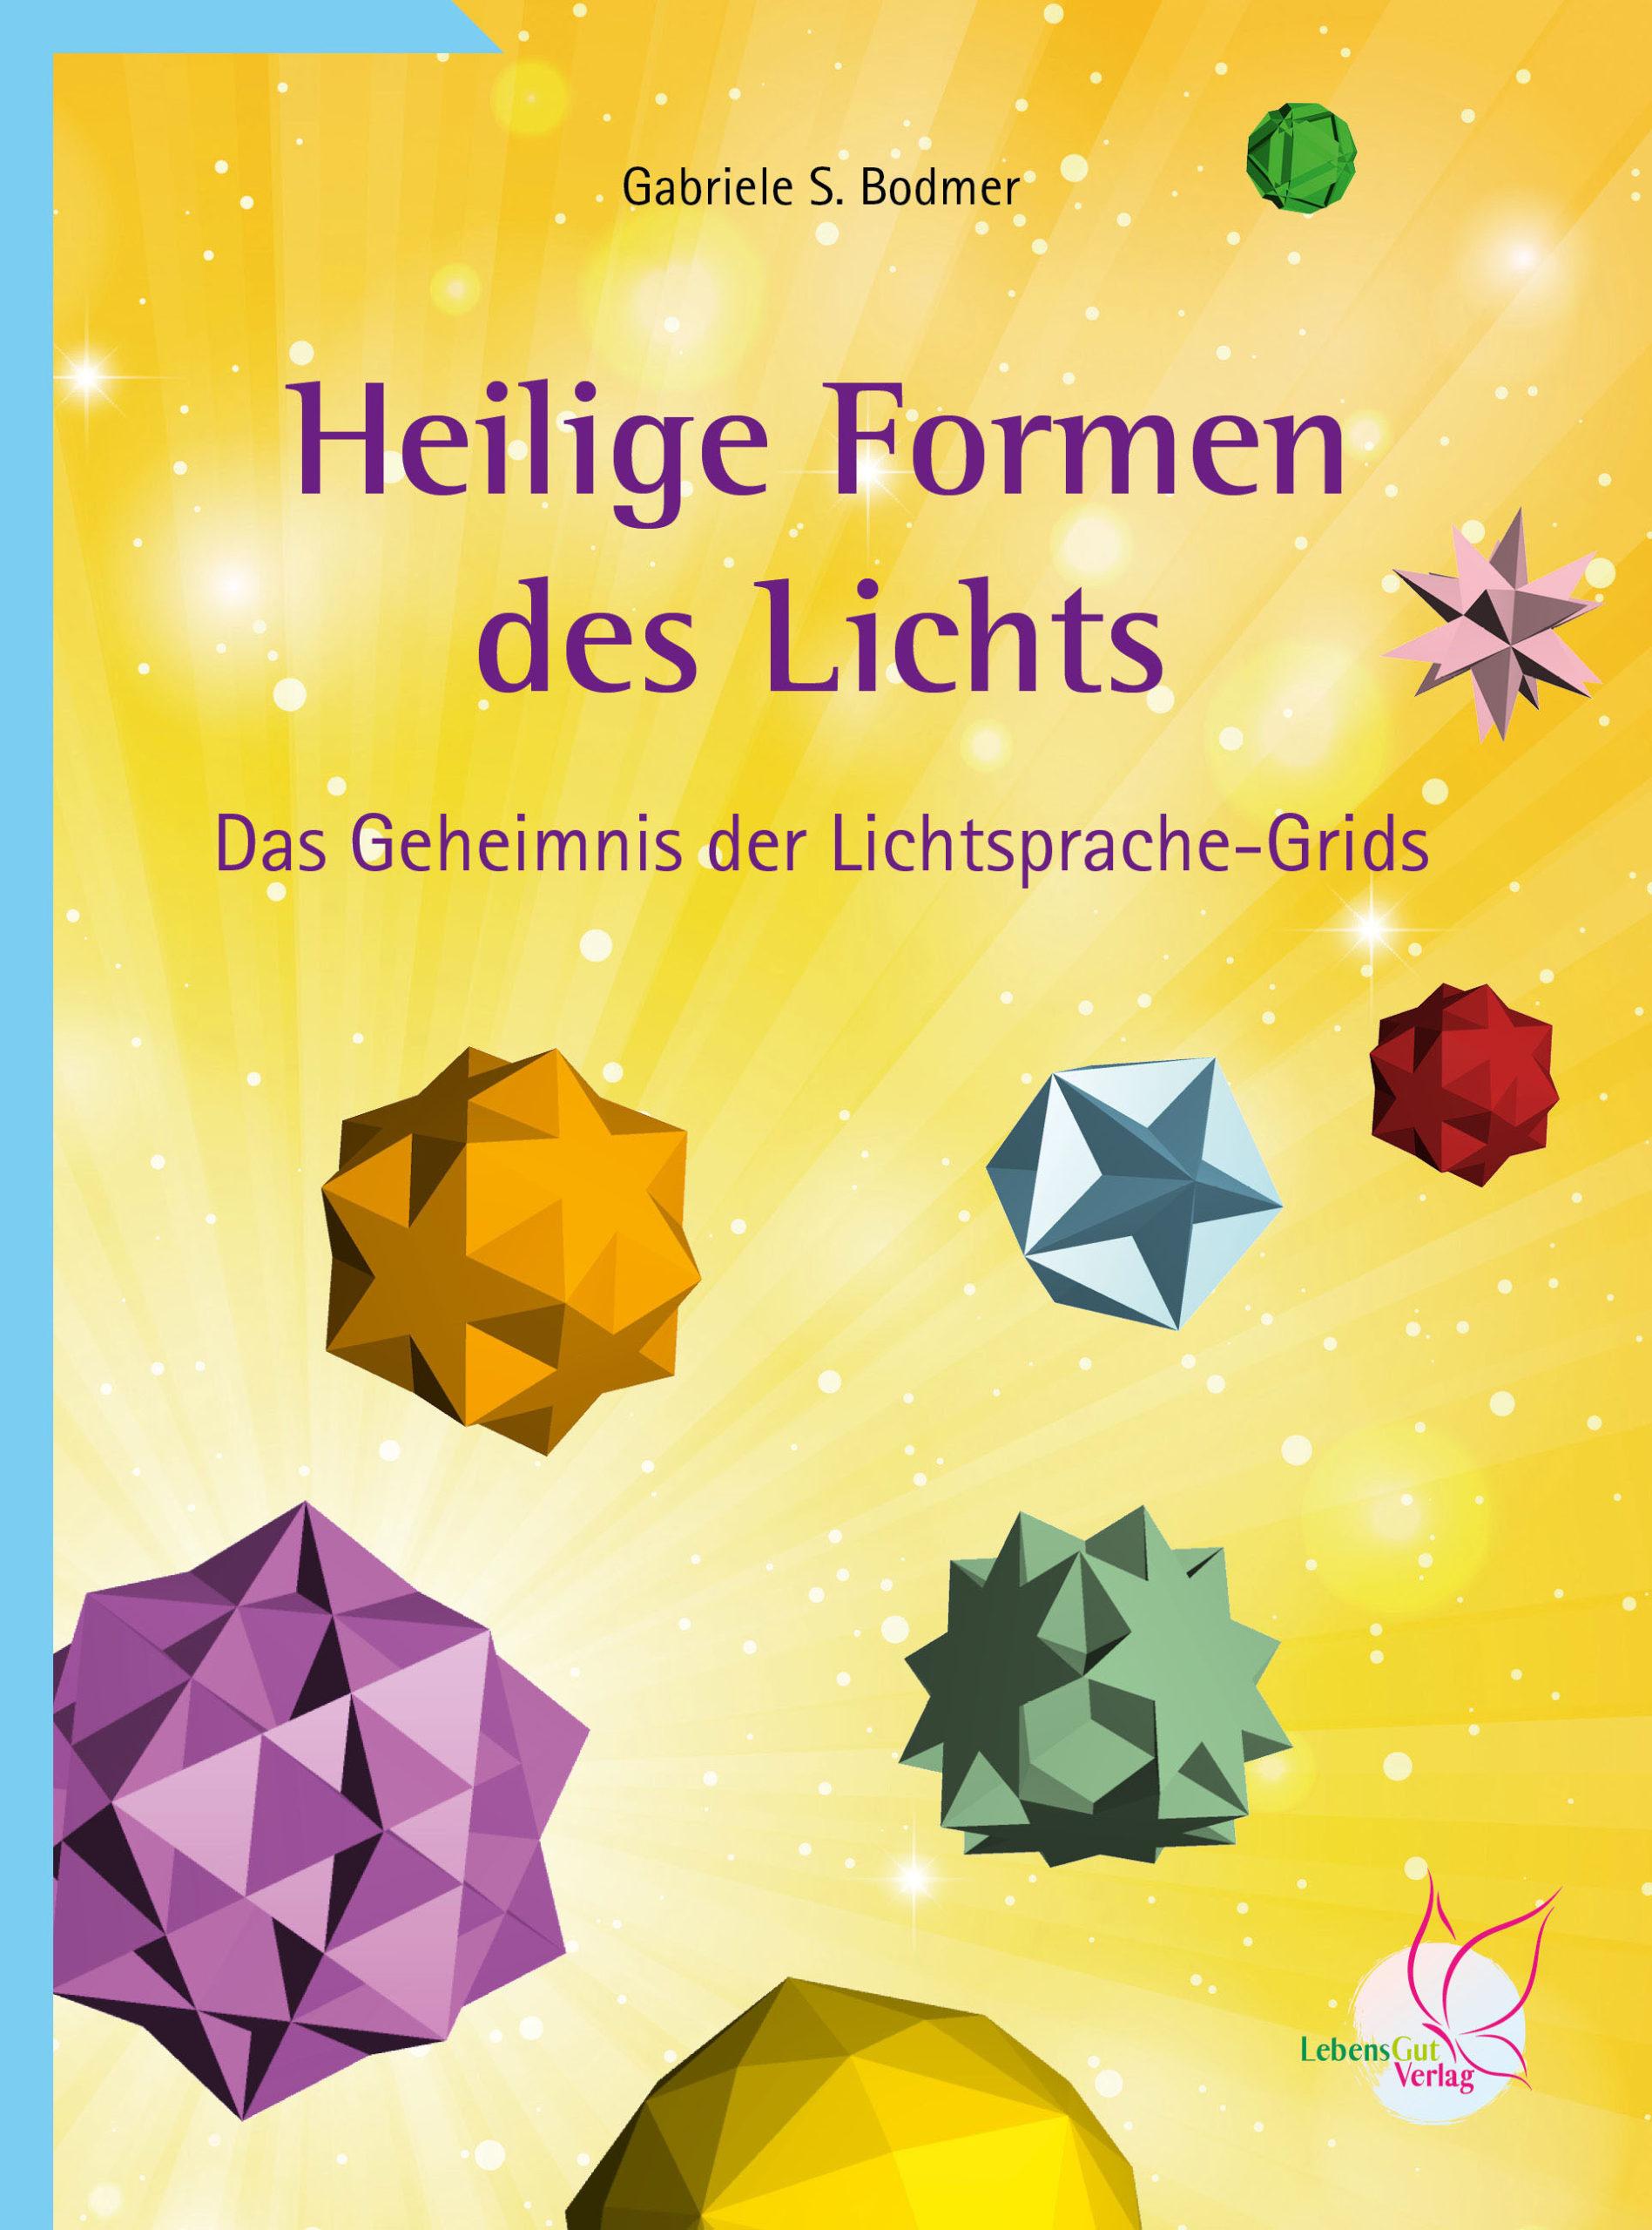 heilige formen des lichts gabriele s. bodmer lebensgut verlag